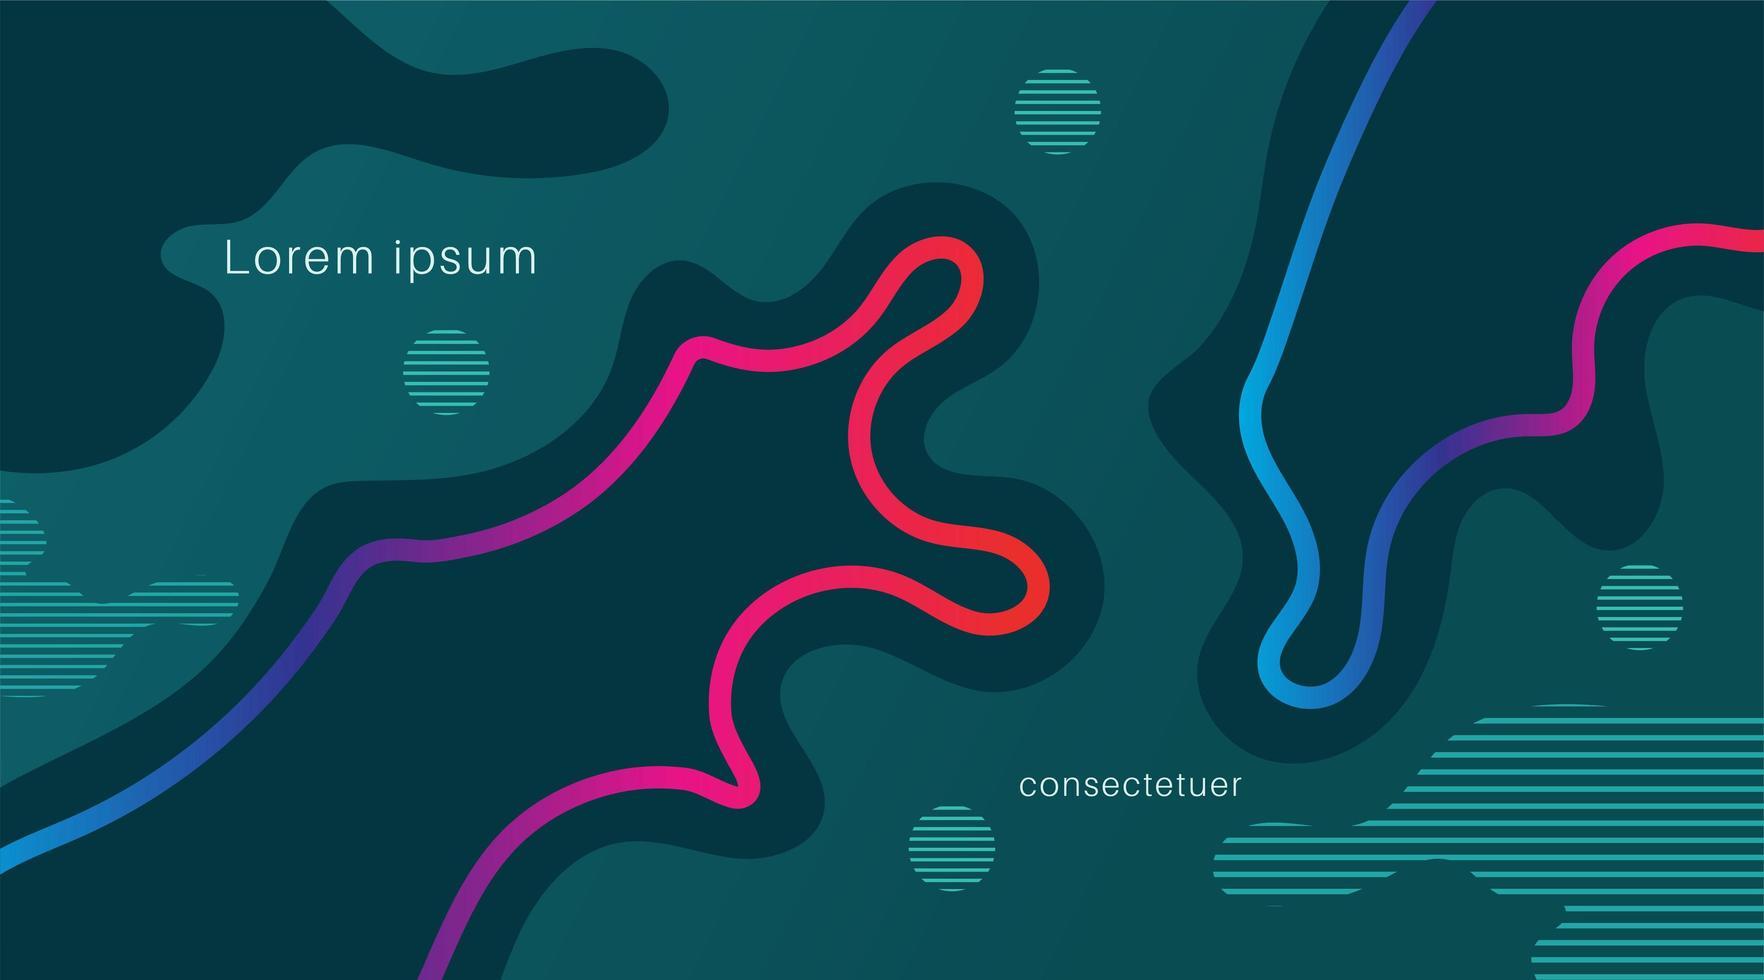 dynamiska färgade former och vågor. lutning abstrakt banner med flytande flytande former. vektor bakgrund